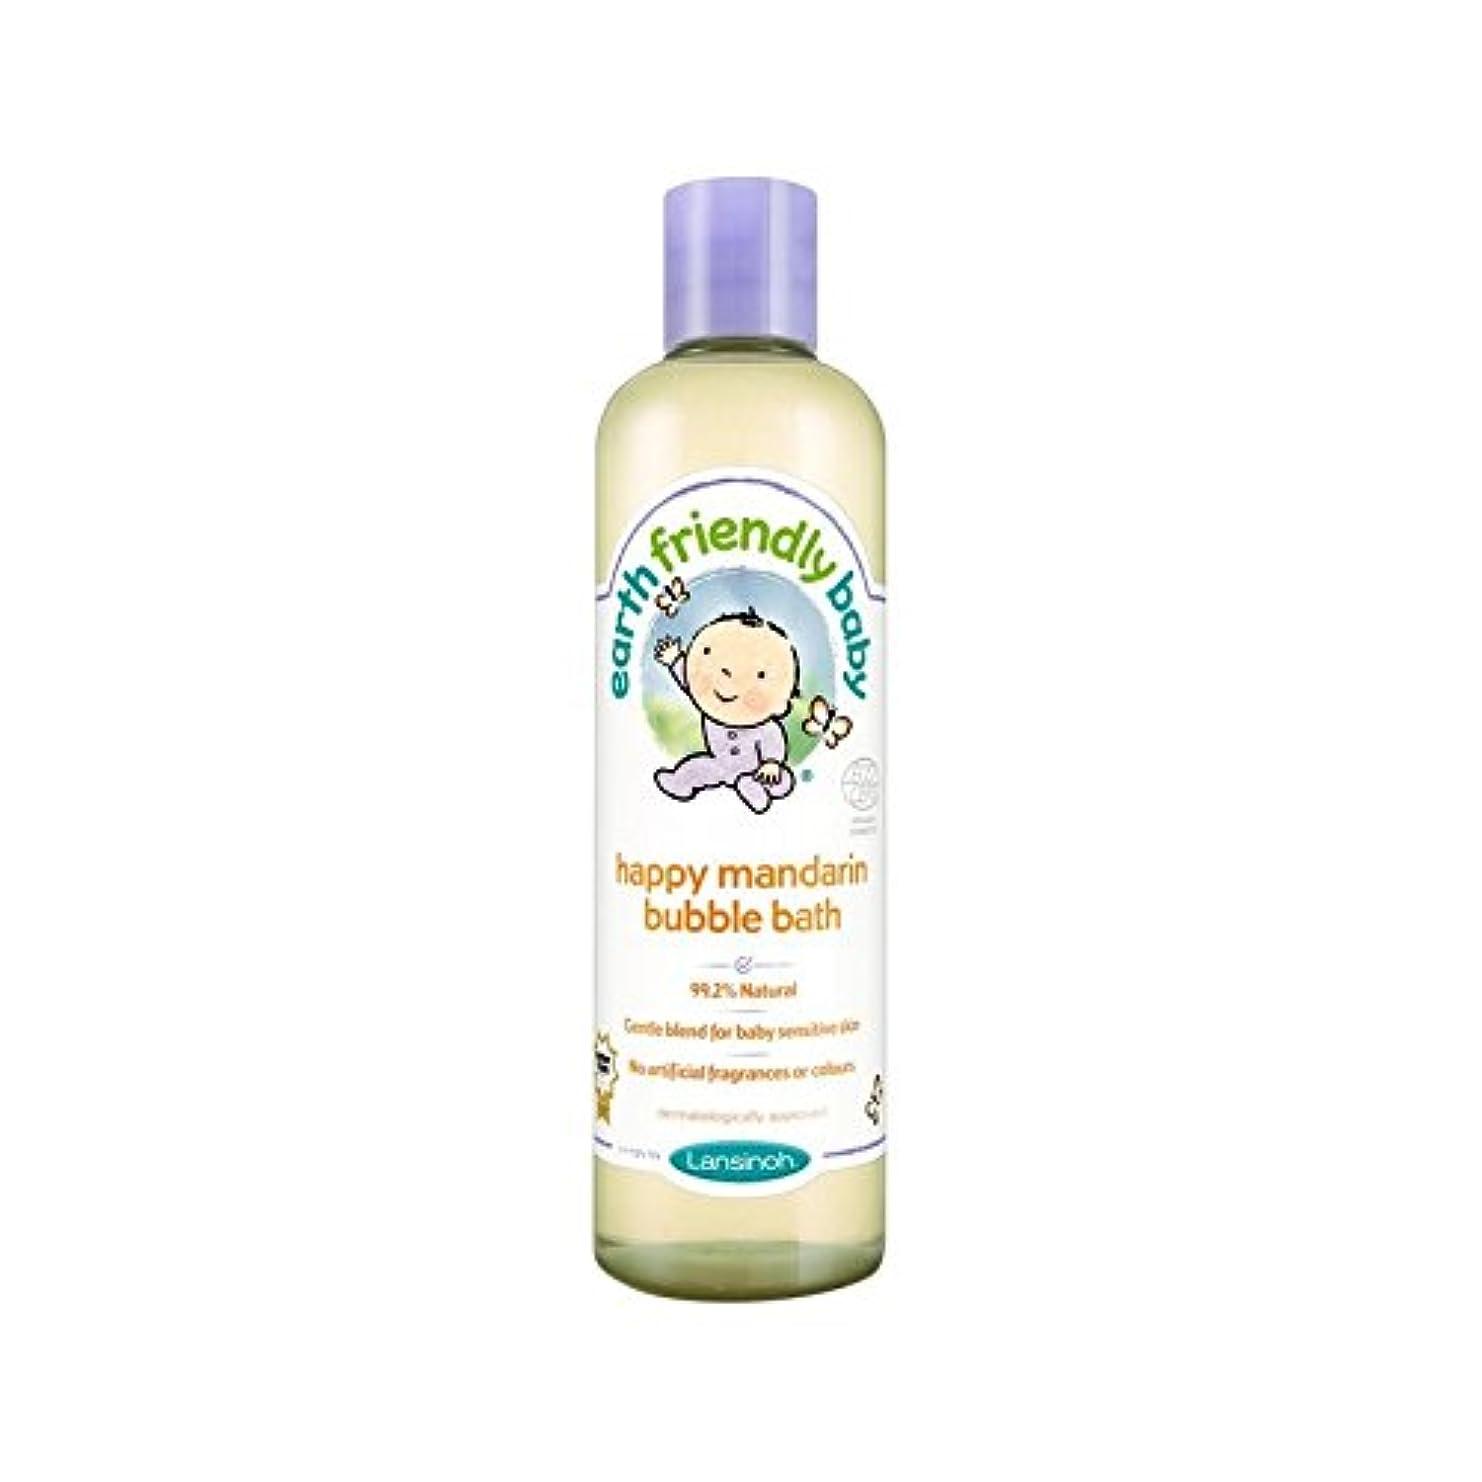 オフセットズーム明らかに赤ちゃん幸せなマンダリン泡風呂のエコサートの300ミリリットル (Earth Friendly) - Earth Friendly Baby Happy Mandarin Bubble Bath ECOCERT 300ml...